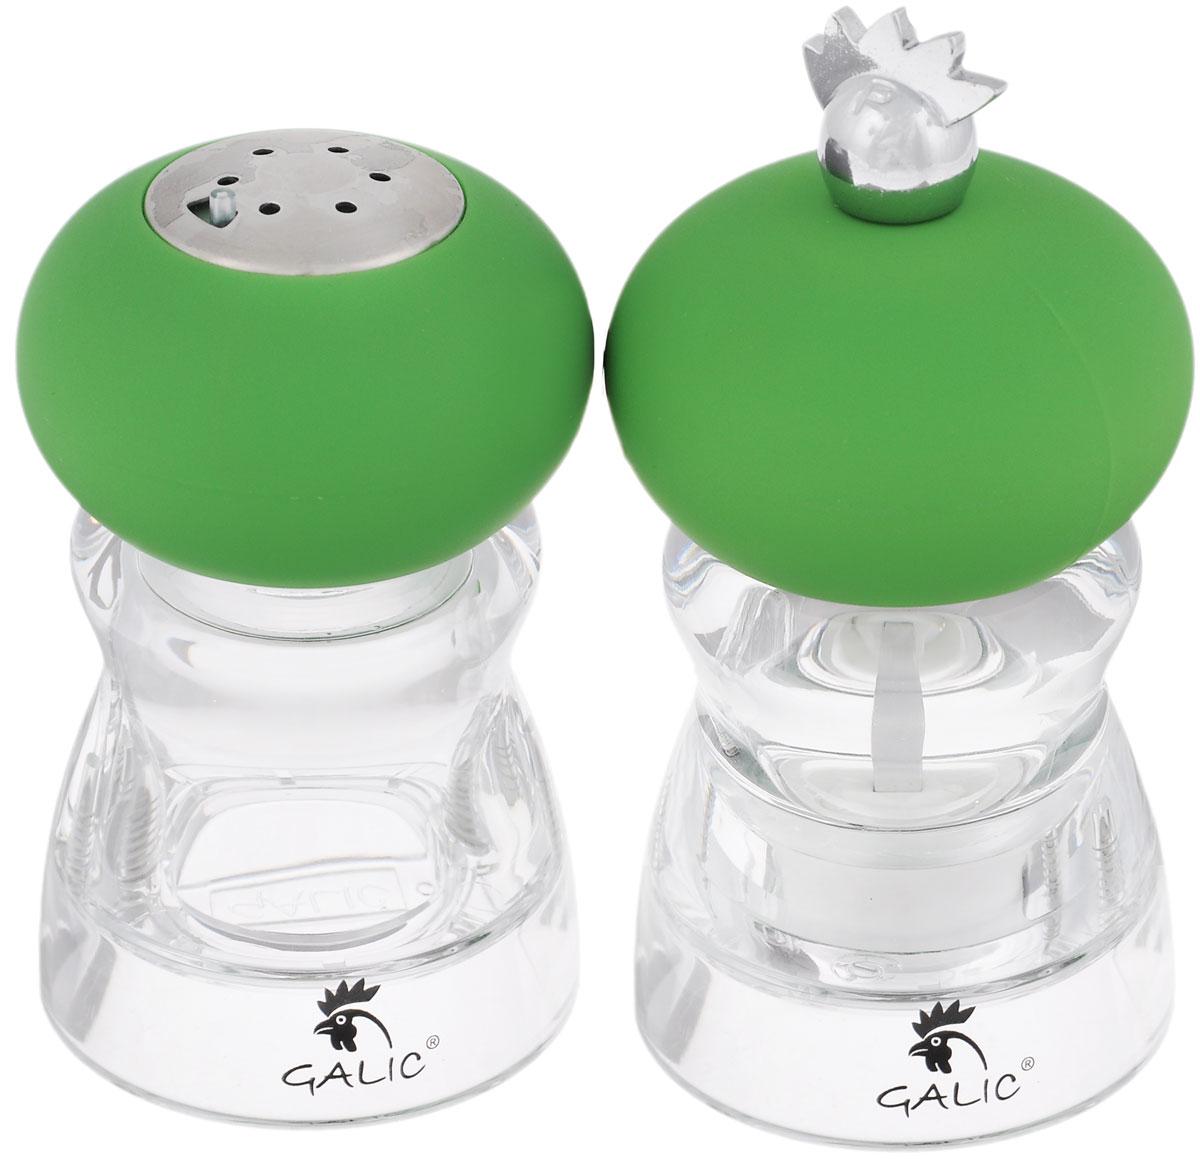 Набор для специй Galic Andrea, цвет: прозрачный, зеленый, 2 предметаAND-PMSS10Набор Galic Andrea состоит из солонки и мельницы для перца. Изделия выполнены из нержавеющей стали и пищевого пластика. Благодаря своим небольшим размерам набор не займет много места на вашей кухне. Емкость для соли легка в использовании: стоит только перевернуть, и вы с легкостью сможете добавить соль по вкусу в любое блюдо. Мельница для перца имеет ручной механизм перемола. Дизайн, эстетичность и функциональность набора Galic Andrea позволят ему стать достойным дополнением к кухонному инвентарю. Размер емкости: 5,5 см х 5,5 см х 10 см.